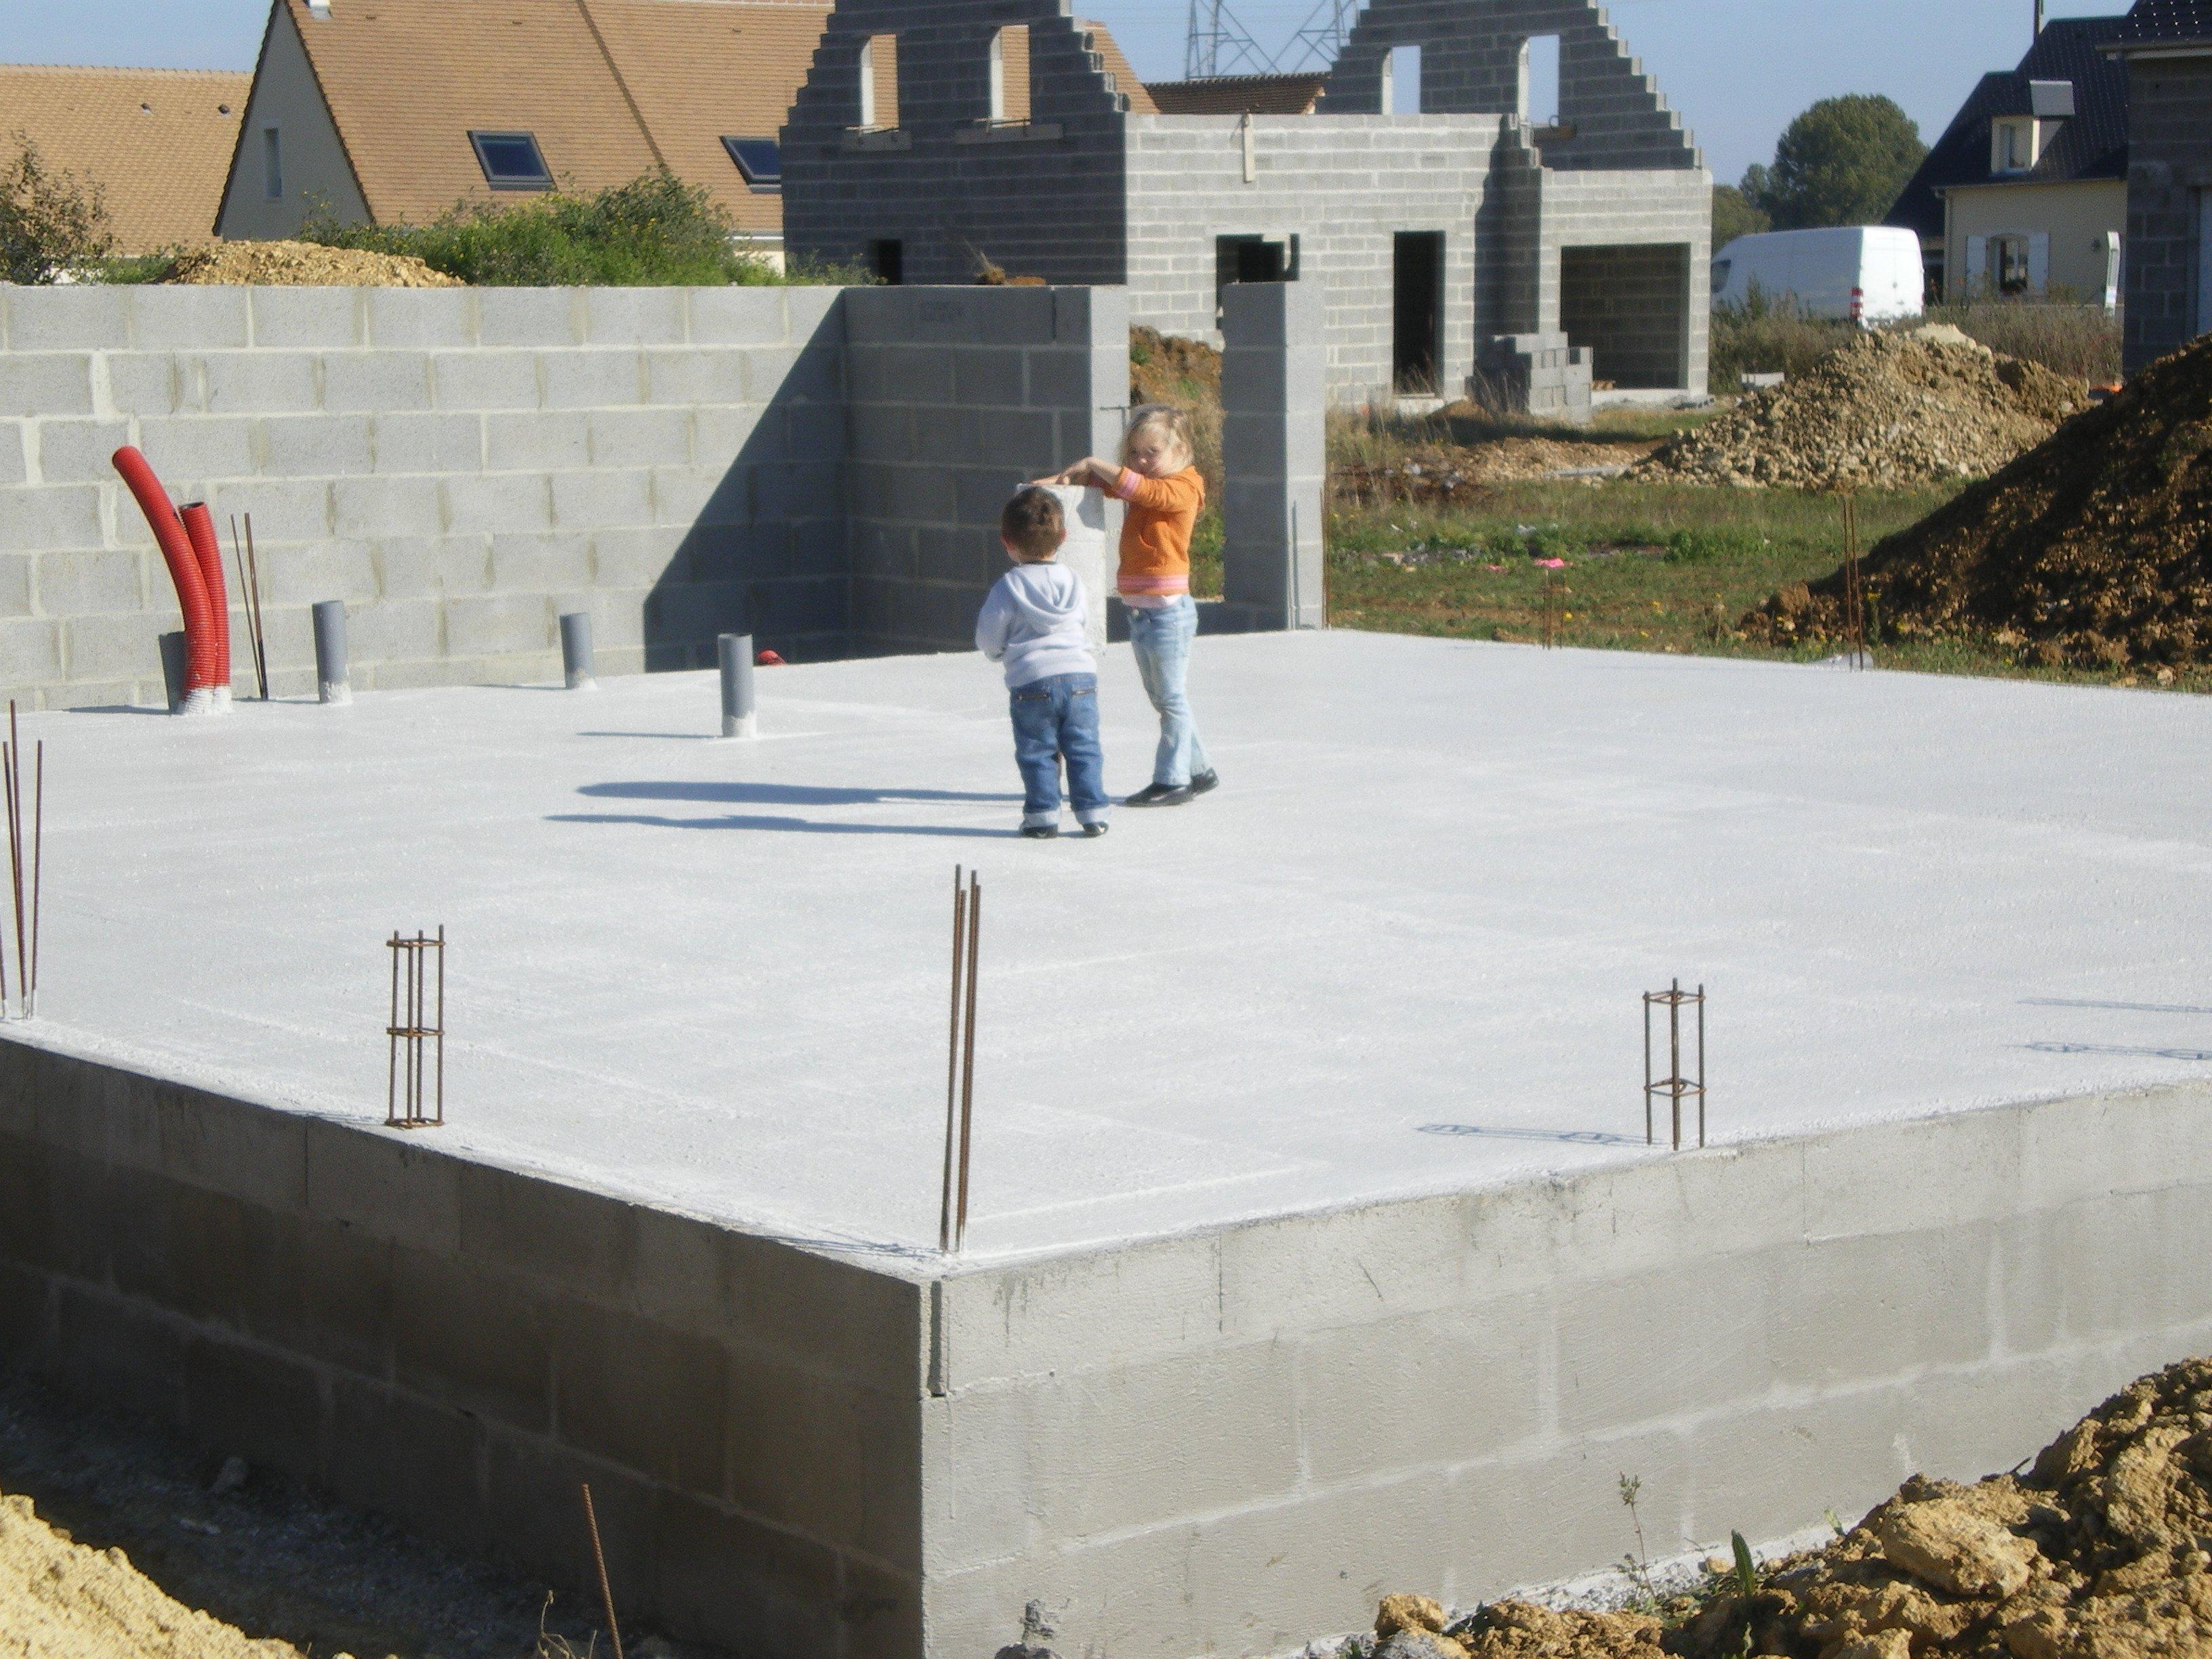 Notre maison kerbea 2009 janvier 18 for Trappe vide sanitaire exterieur